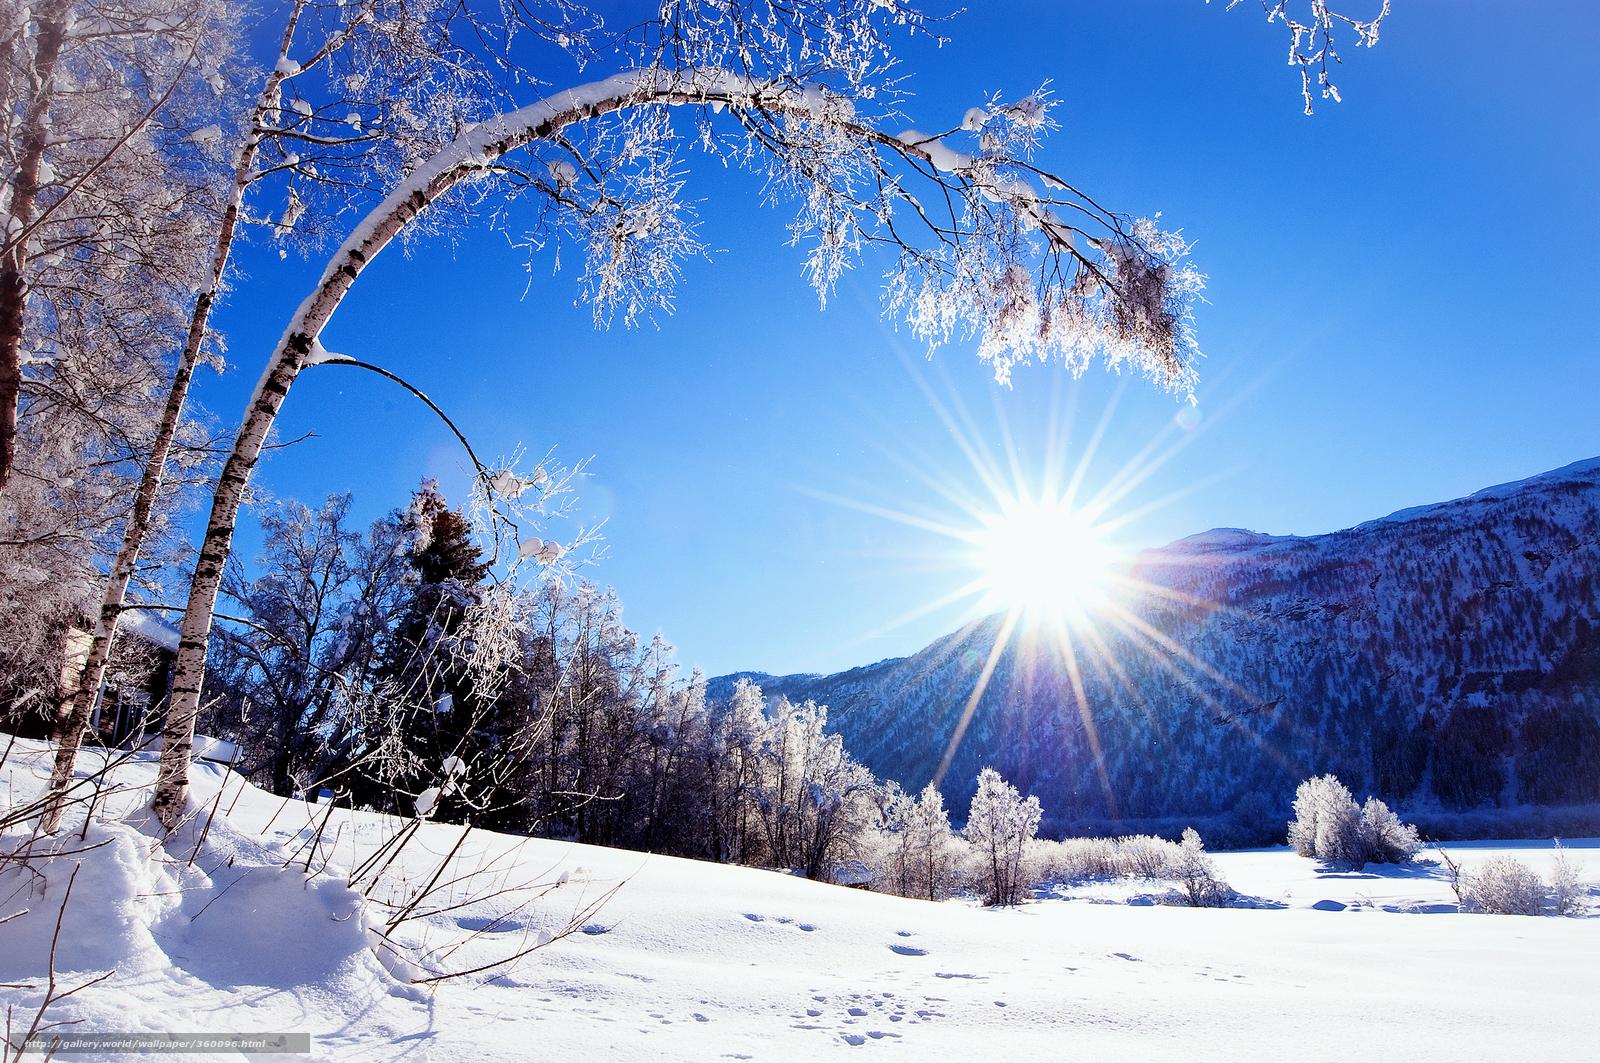 Tlcharger Fond D Ecran Nature Neige Hiver Soleil Fonds D Ecran Gratuits Pour Votre Rsolution Du Bureau 2560x1700 Image 360096